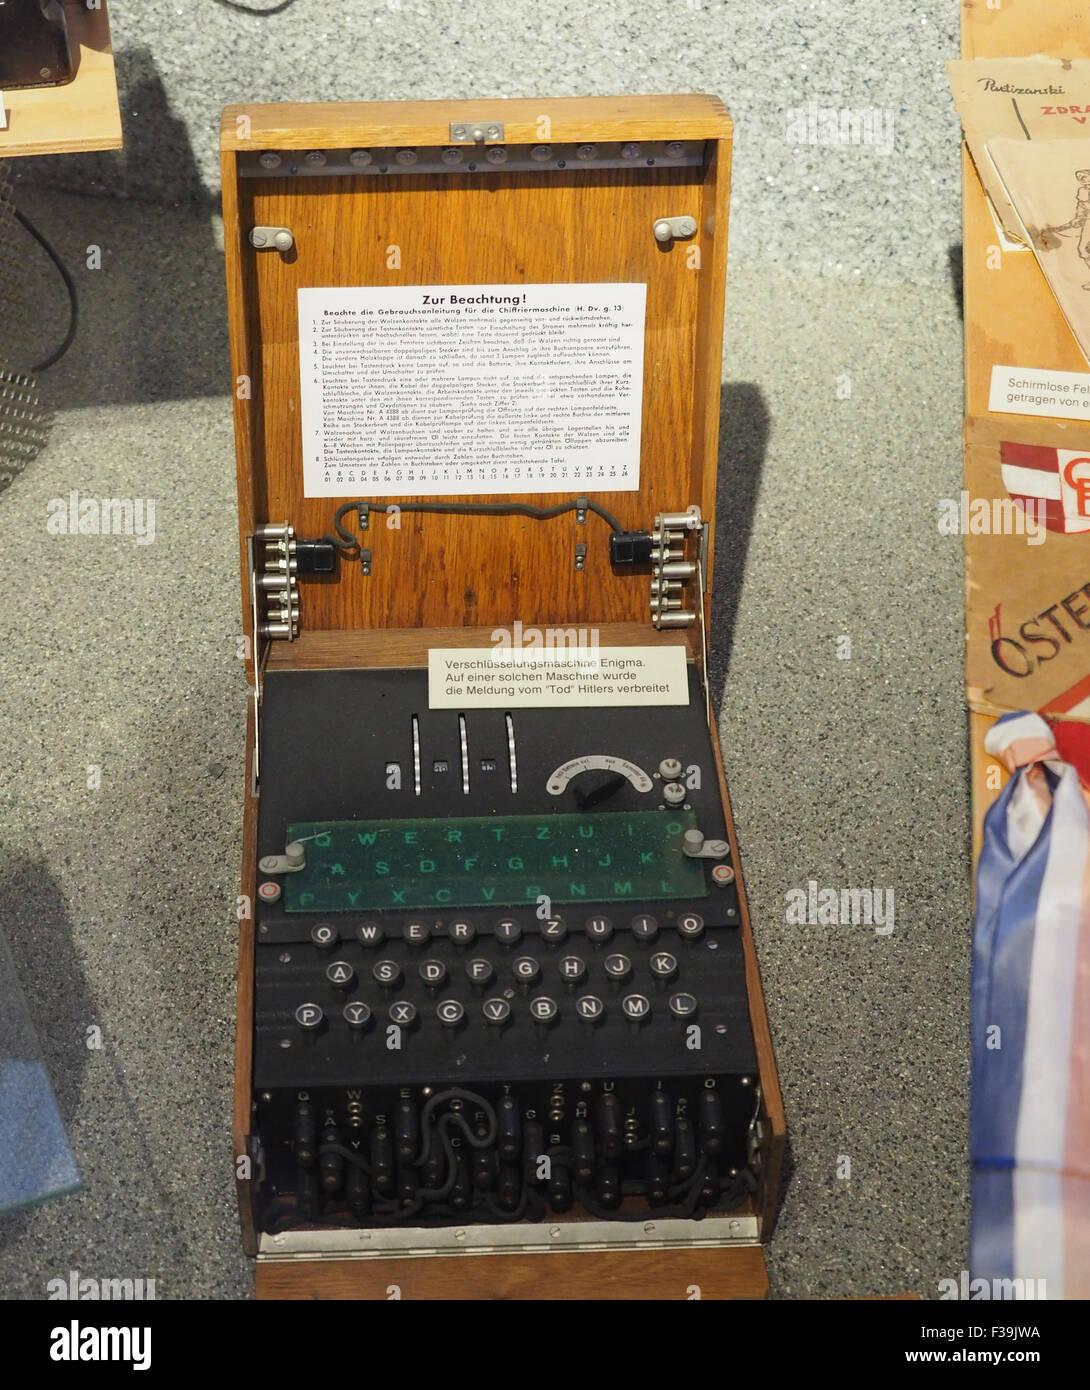 Codice Enigma macchina su esposti nel museo di storia militare di Vienna in Austria Immagini Stock